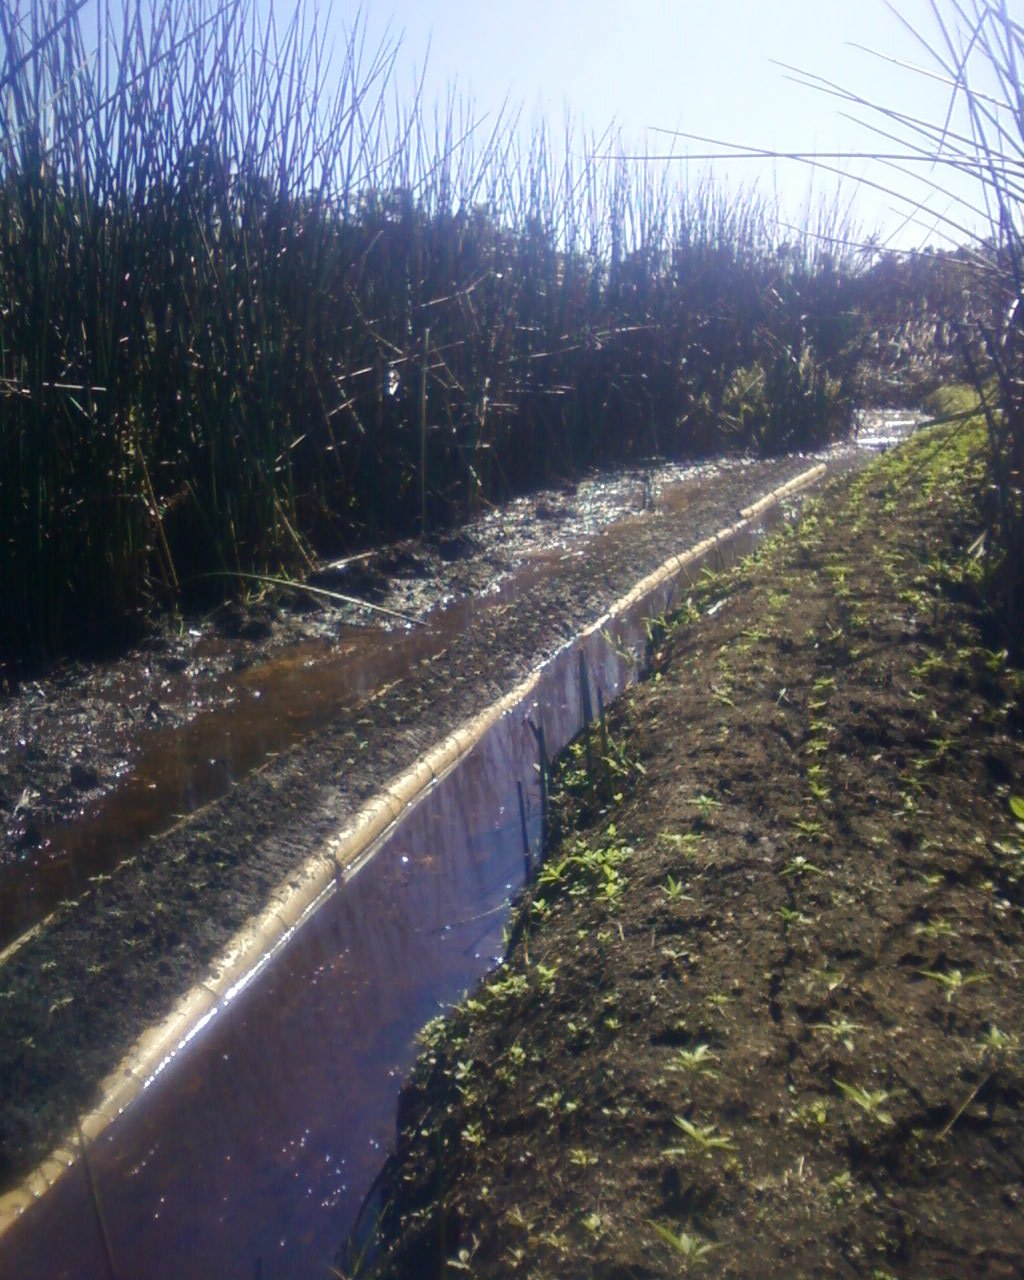 Les pousses de paka avaient été plantées au cœur d'un bras d'eau pour une irrigation optimale.